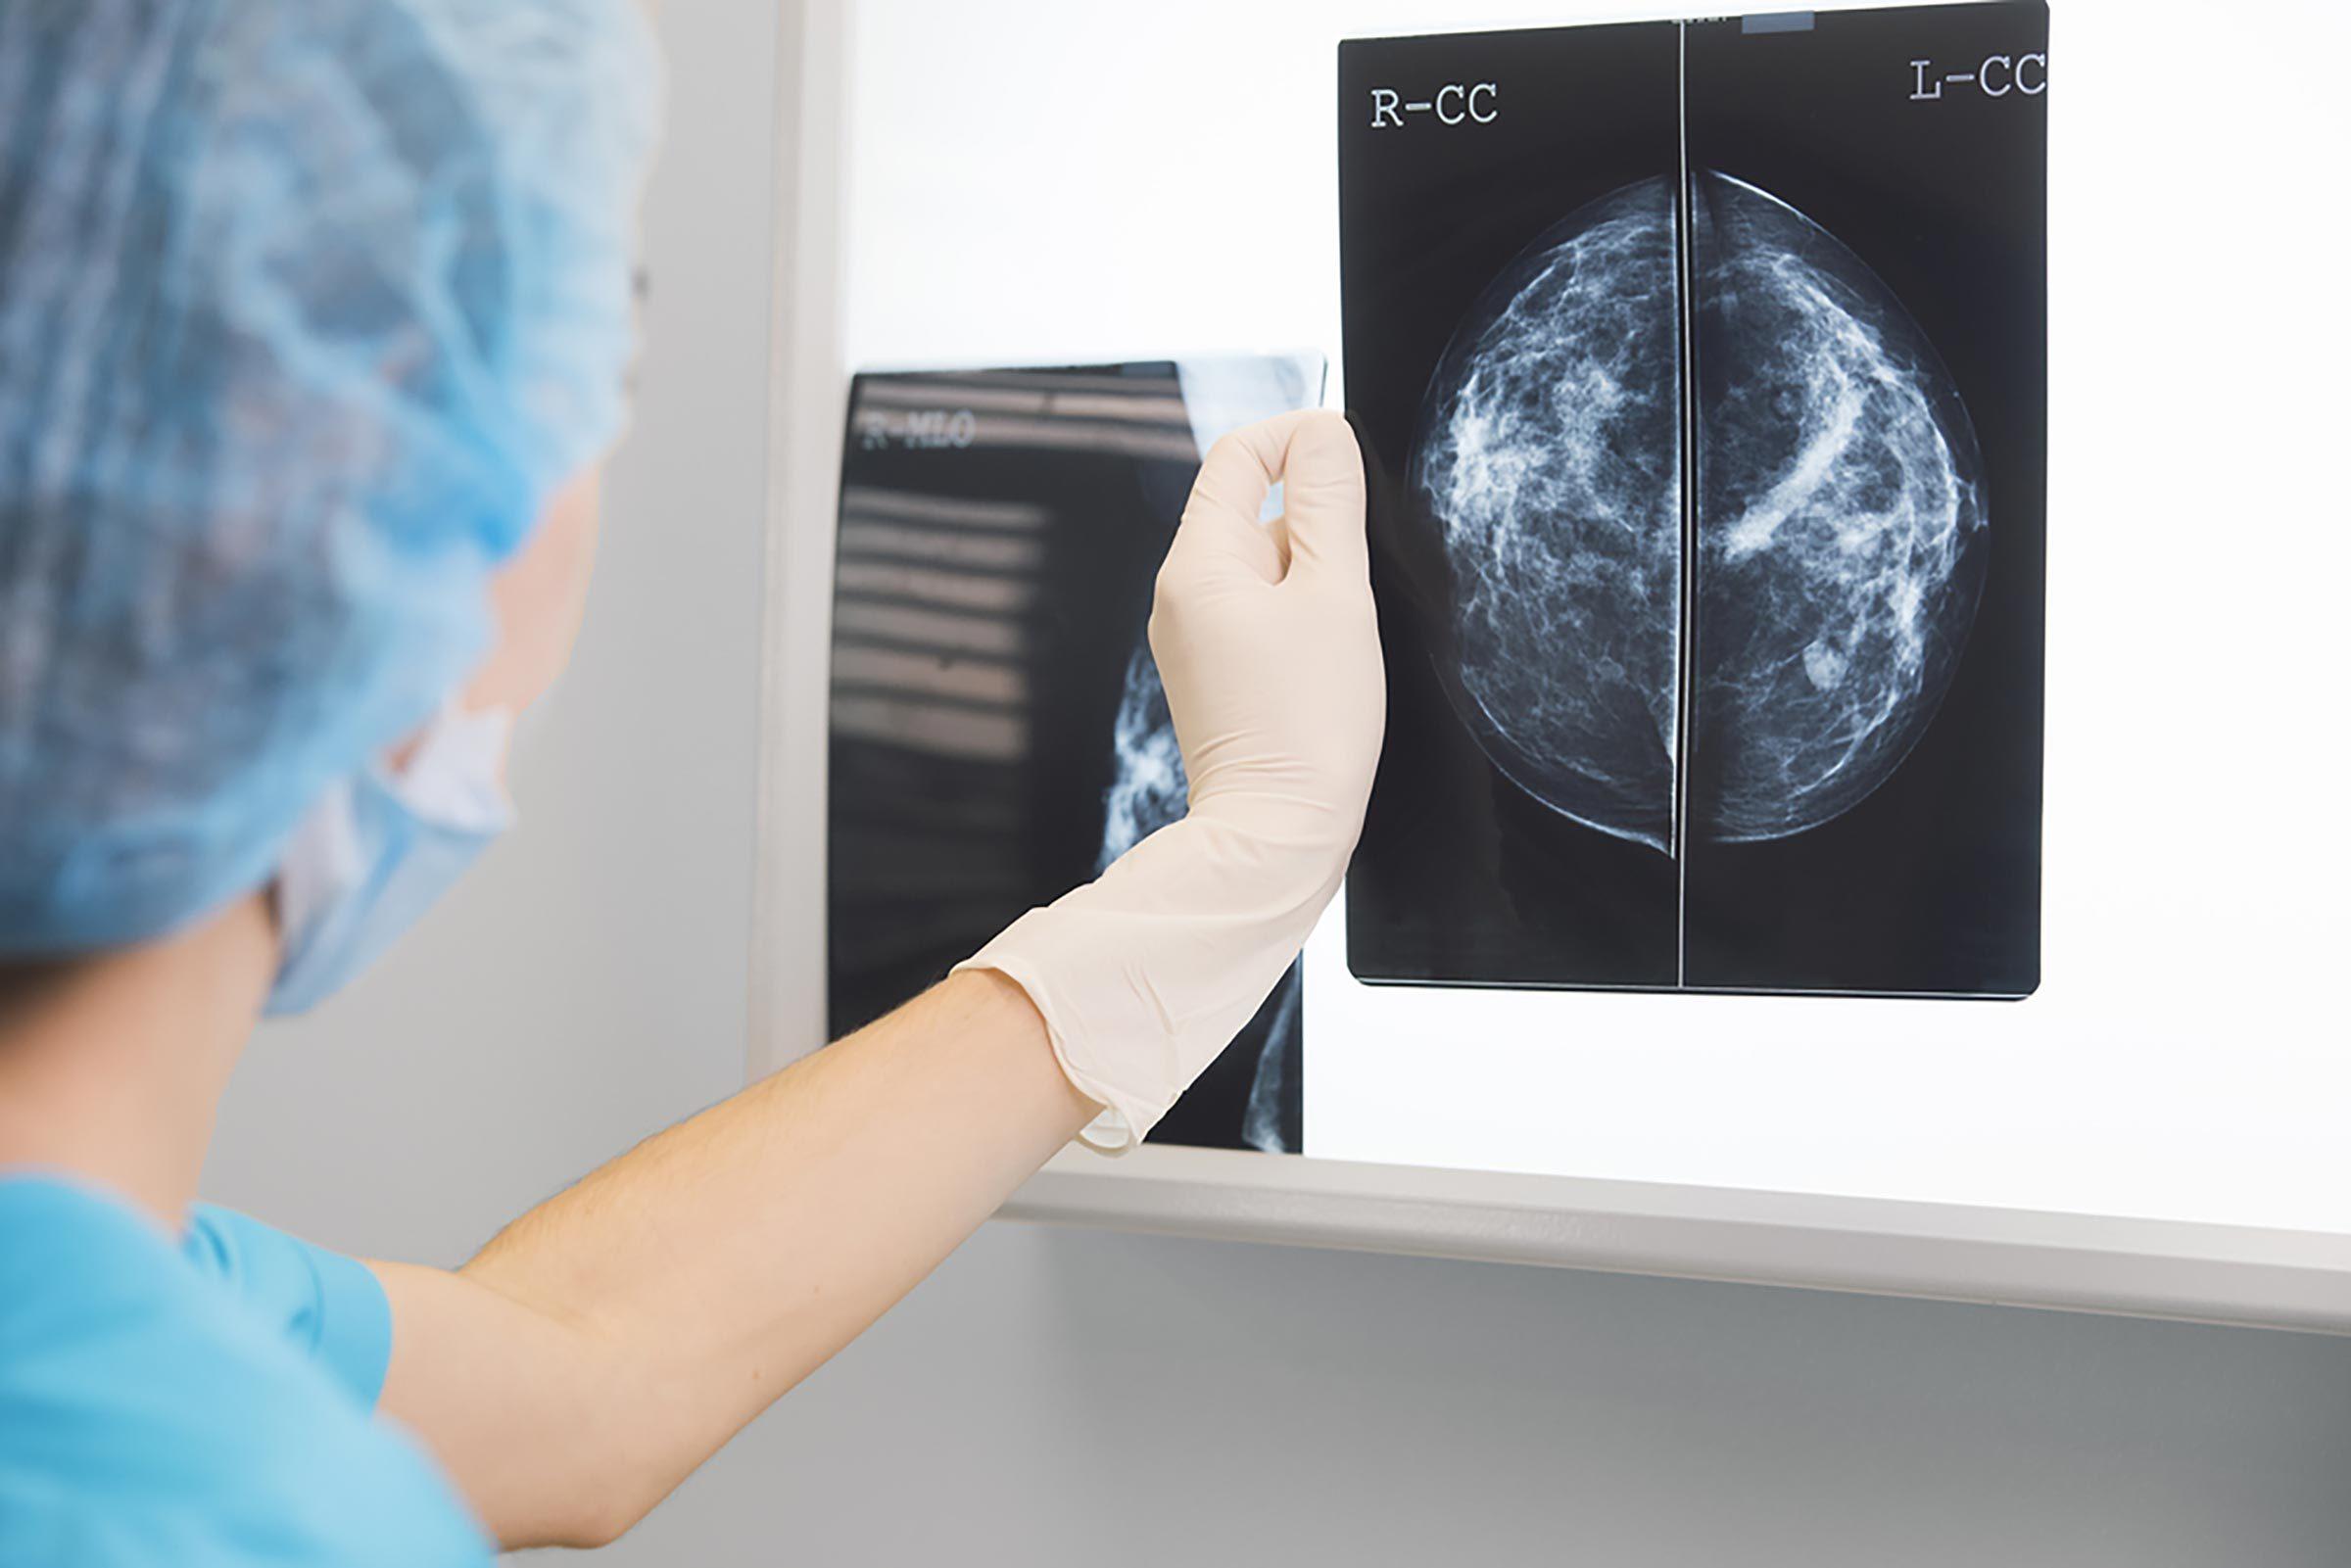 Conseil santé : avoir des mammographies régulières